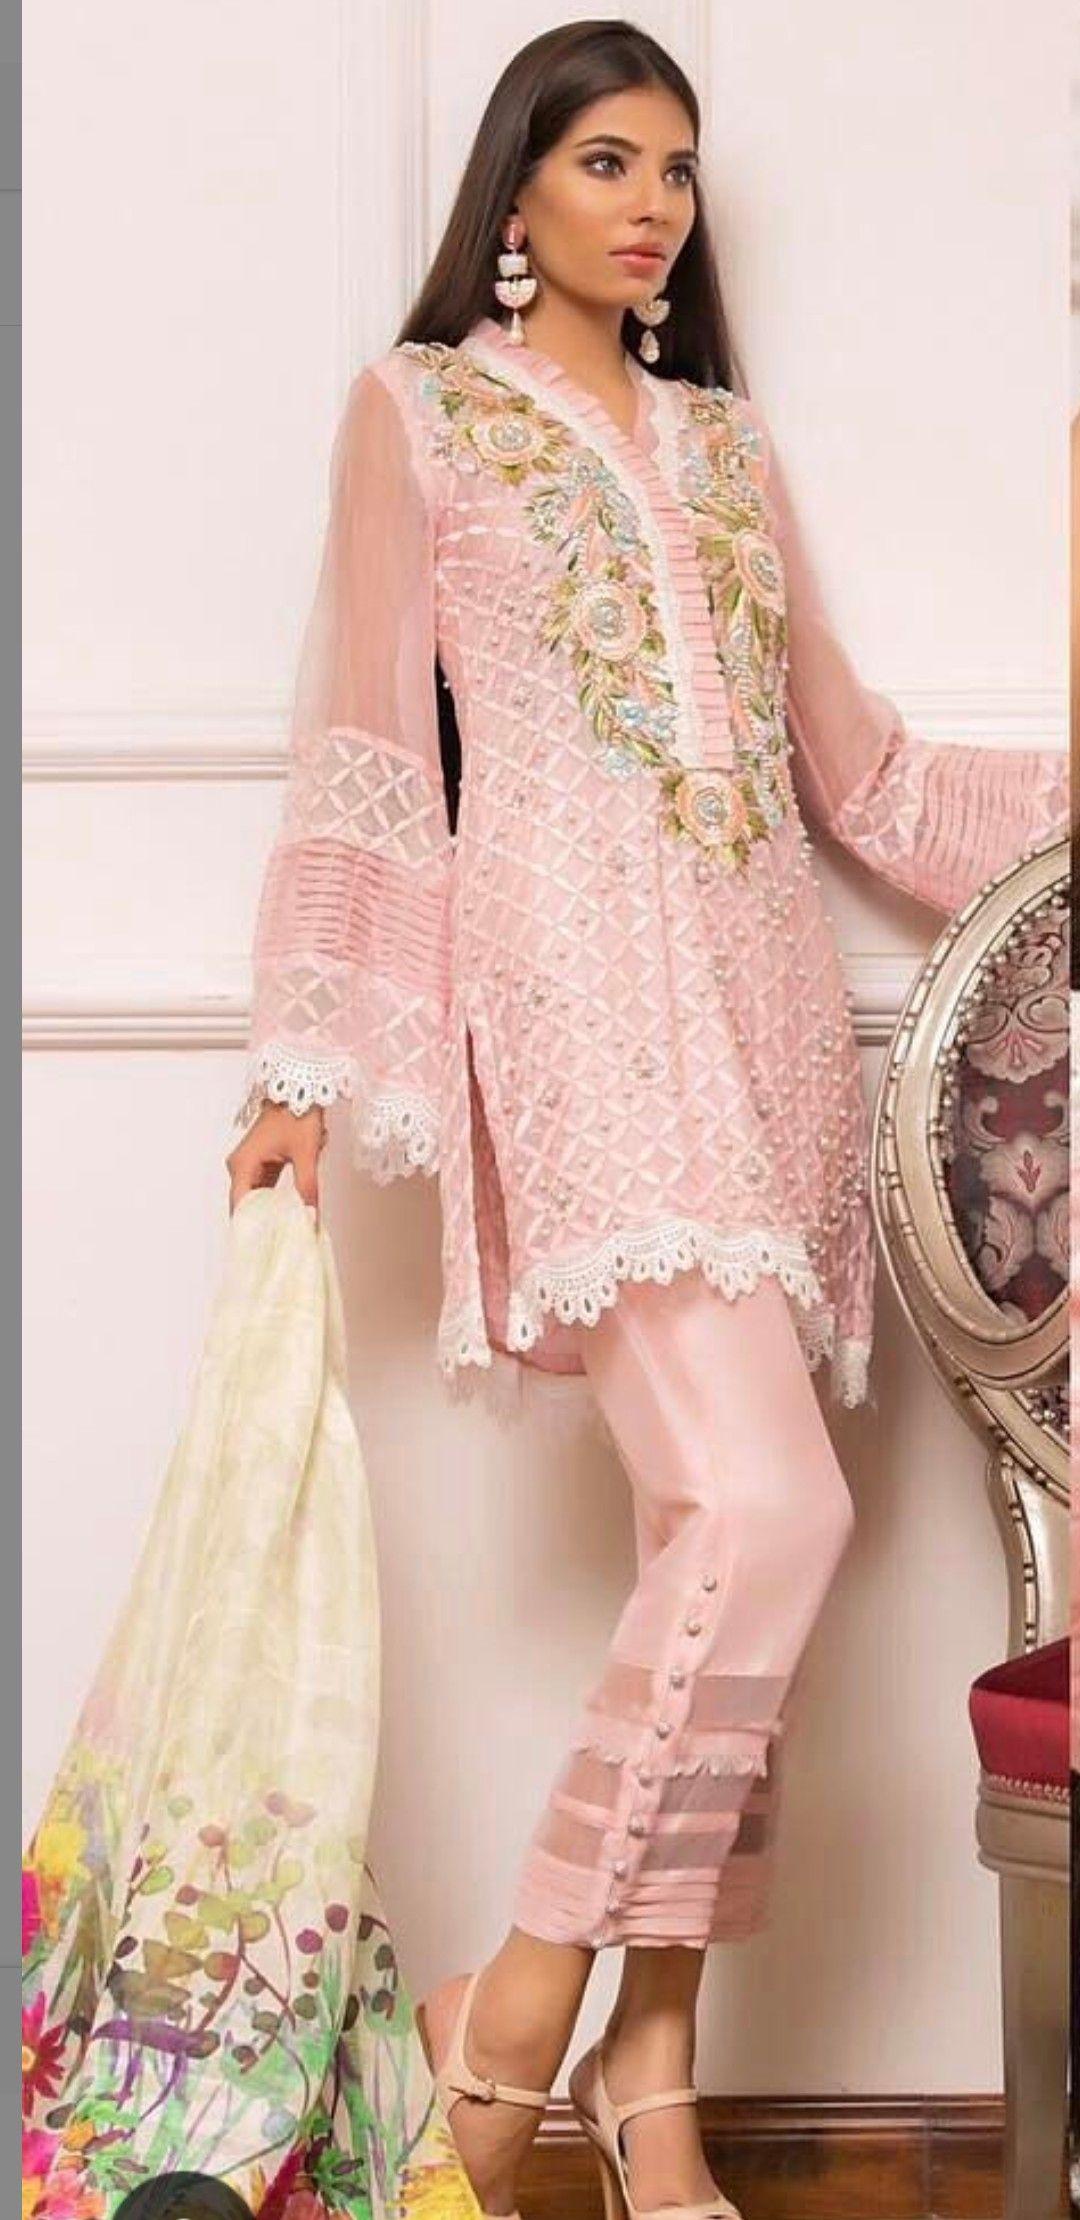 Pin de silvia noemi aguirre en vestidos talles grandes | Pinterest ...